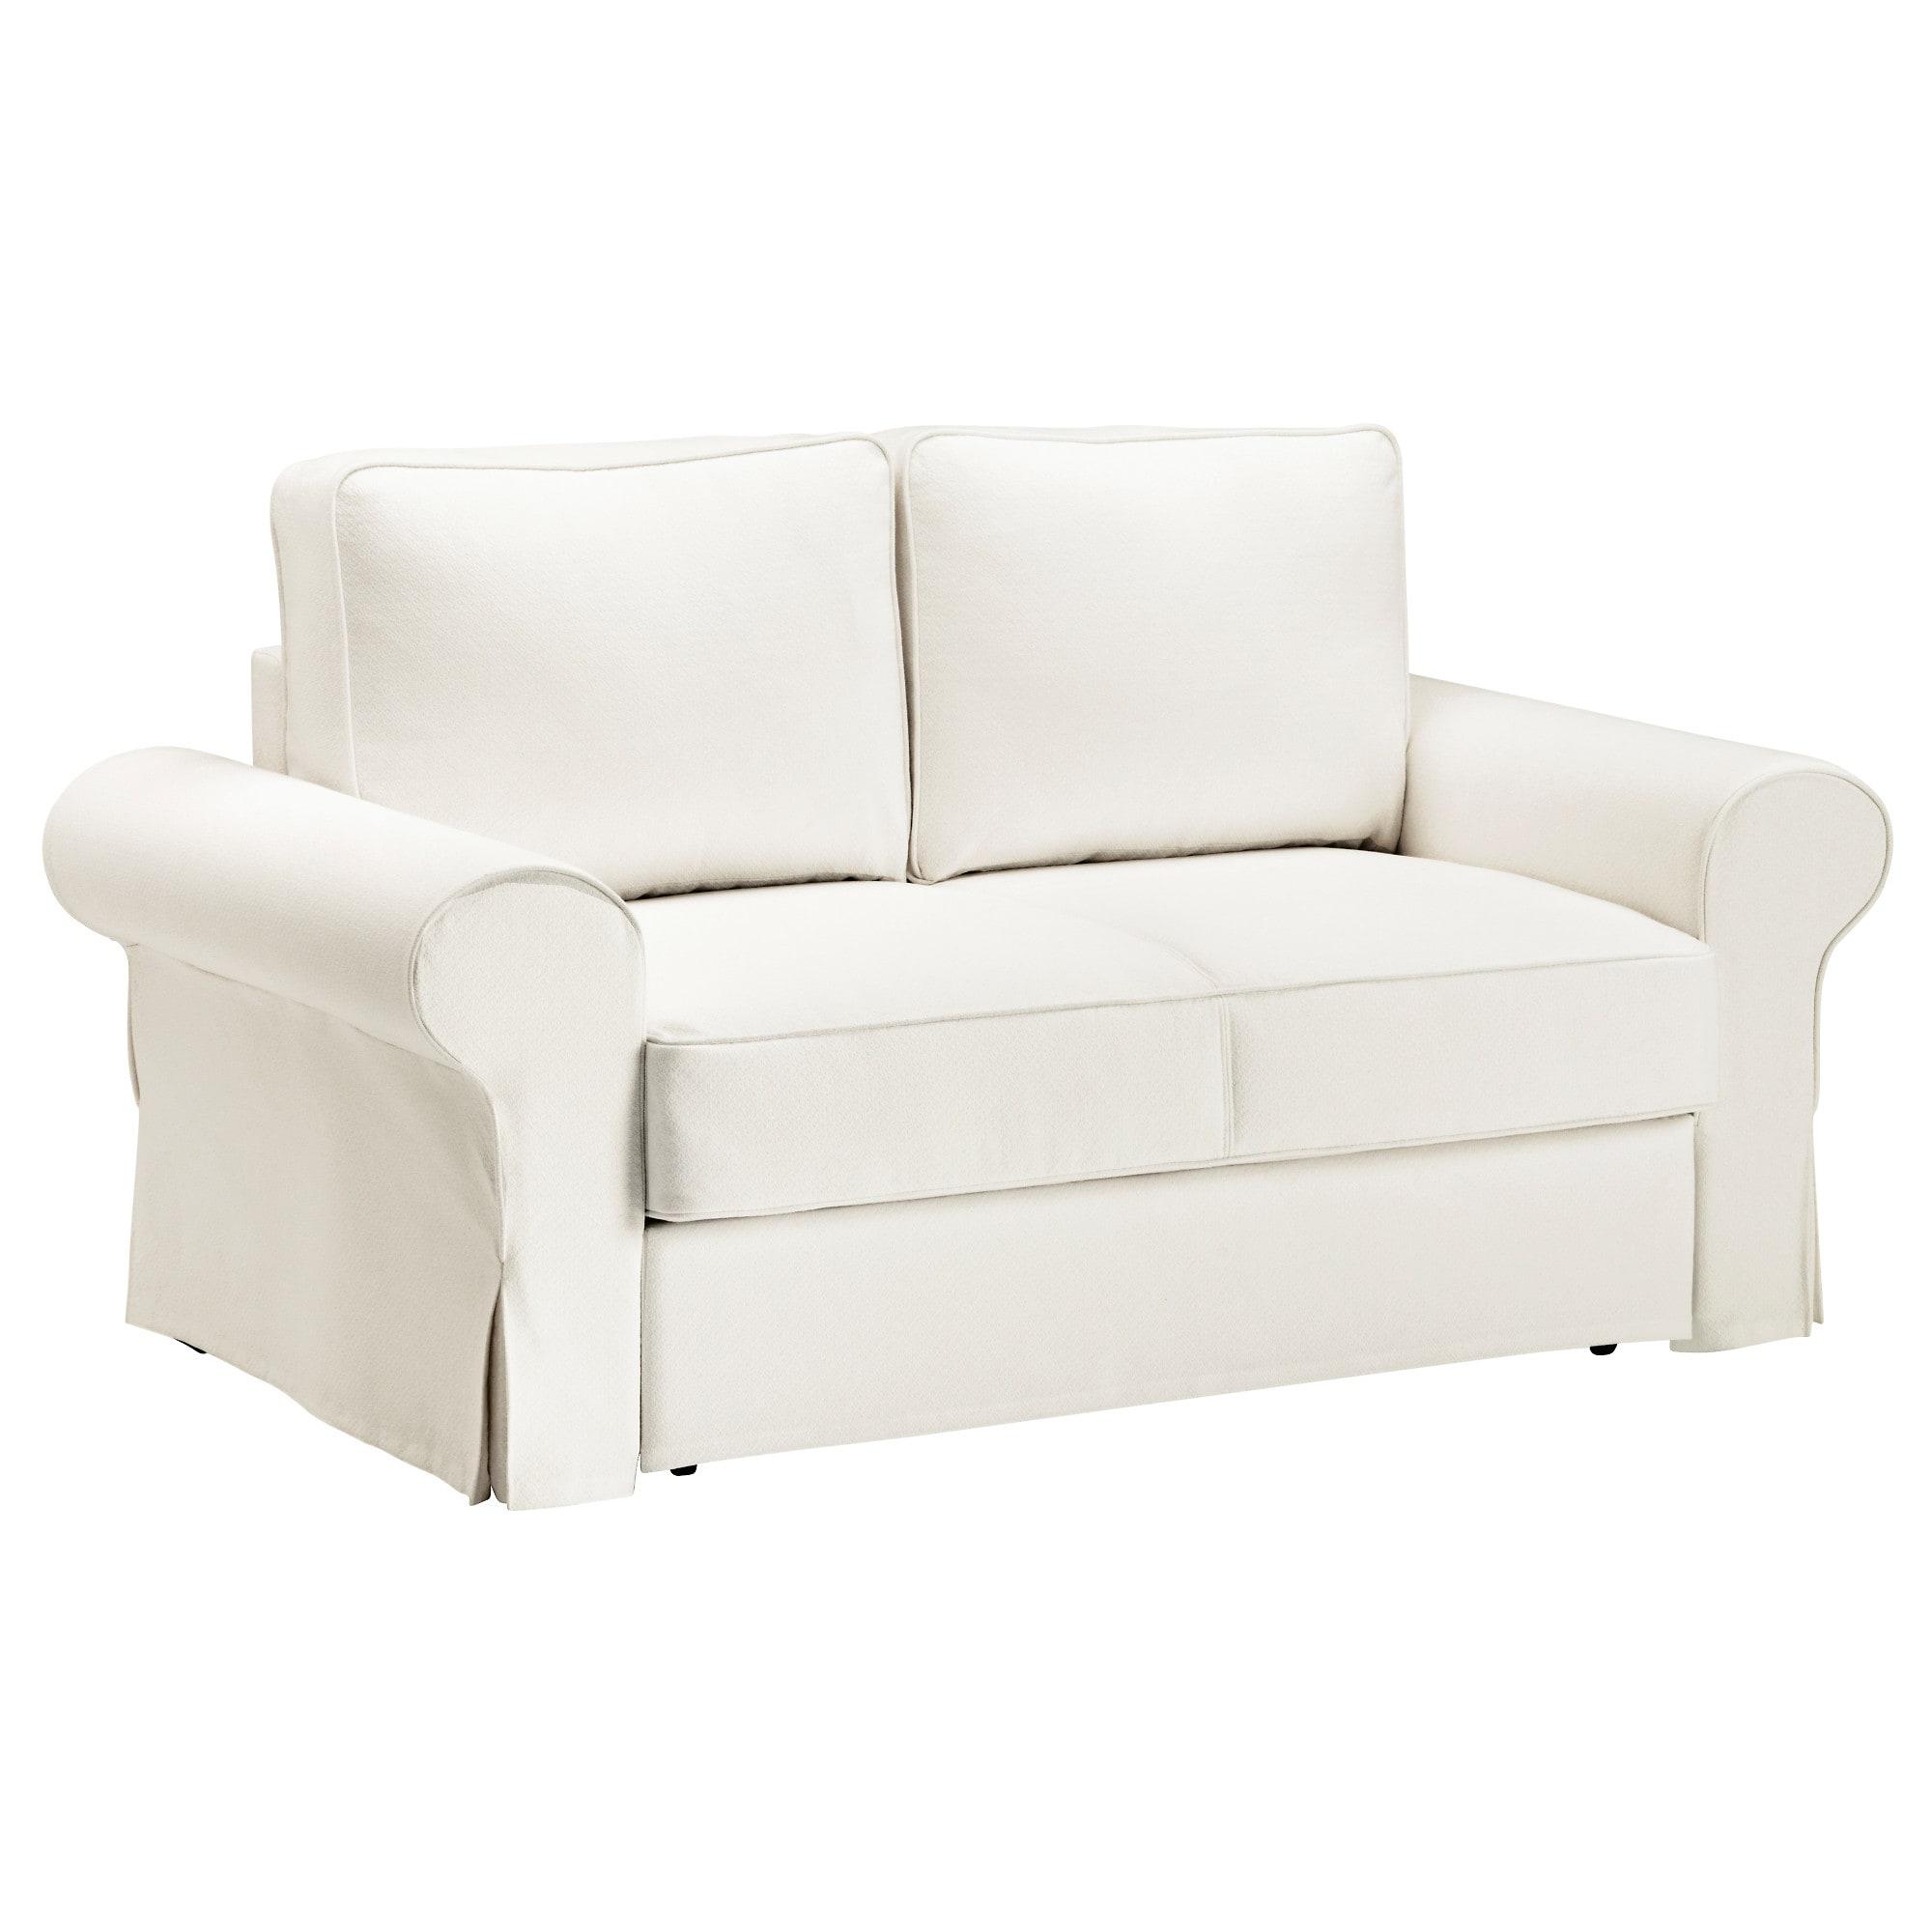 Sofa Cama Dos Plazas Fmdf Backabro sofà Cama 2 Plazas Hylte Blanco Ikea